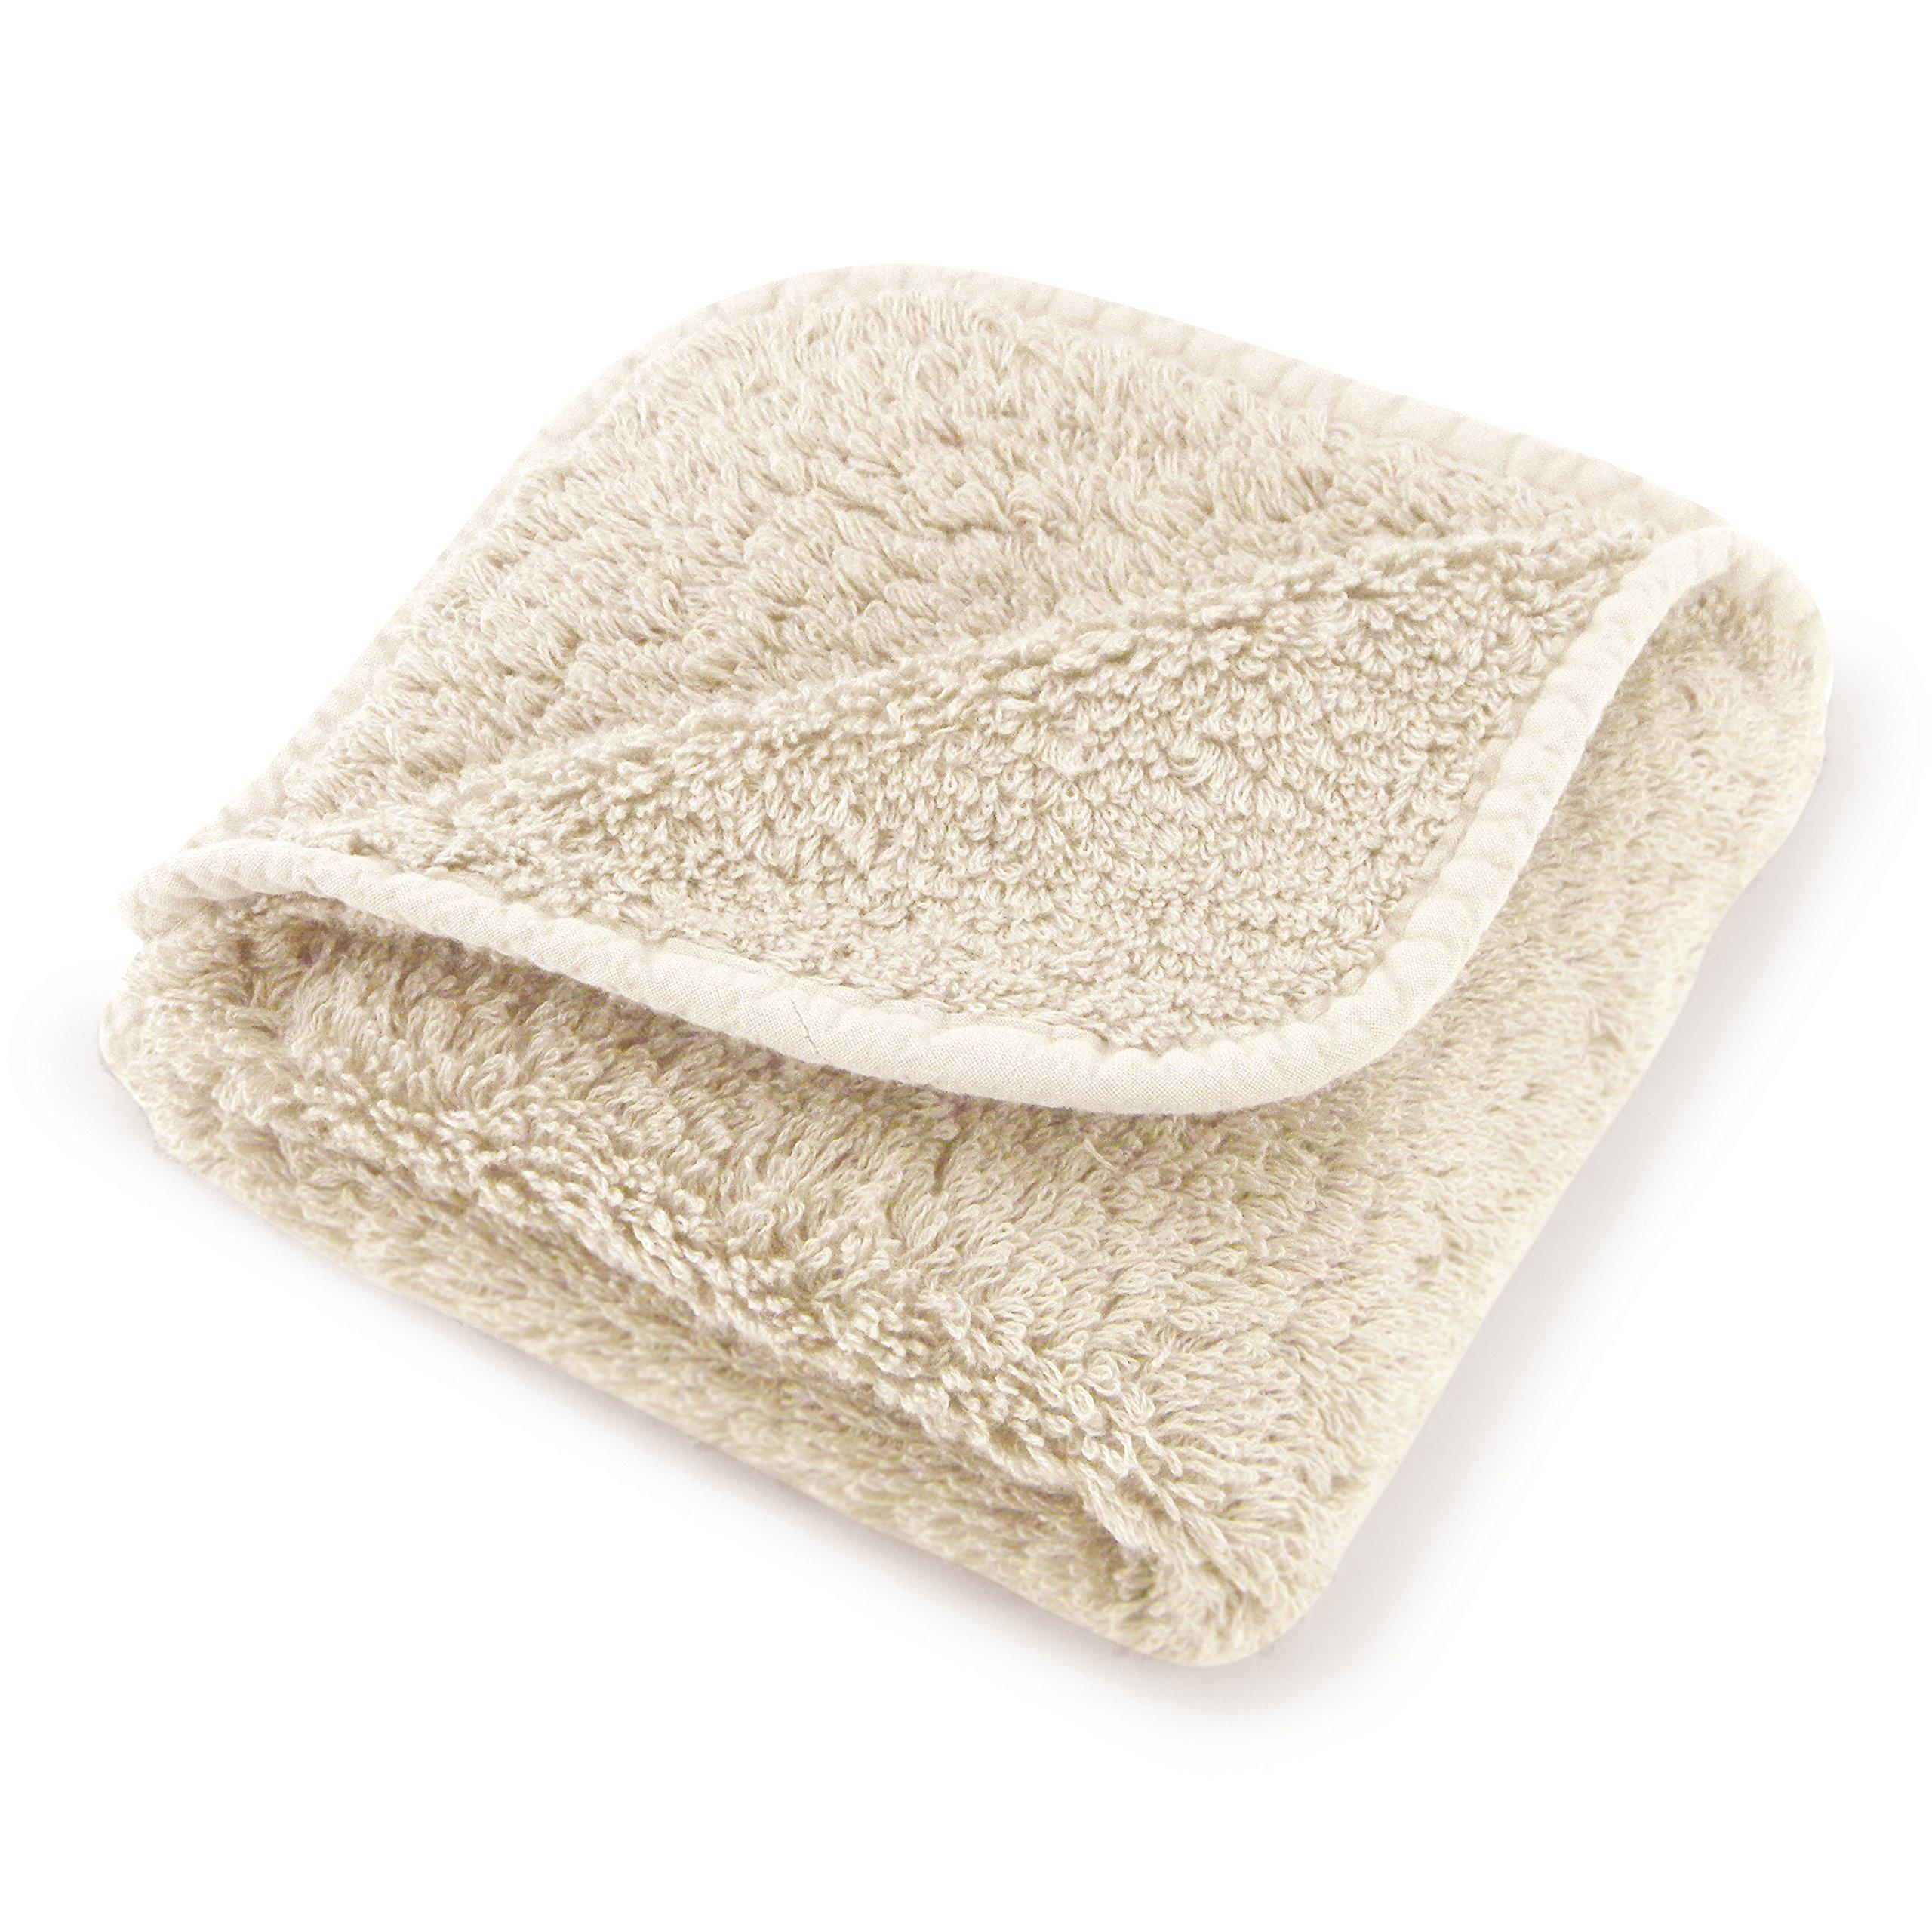 Abyss Super Pile Bath Sheet (40'' x 72'') - Ecru (101)